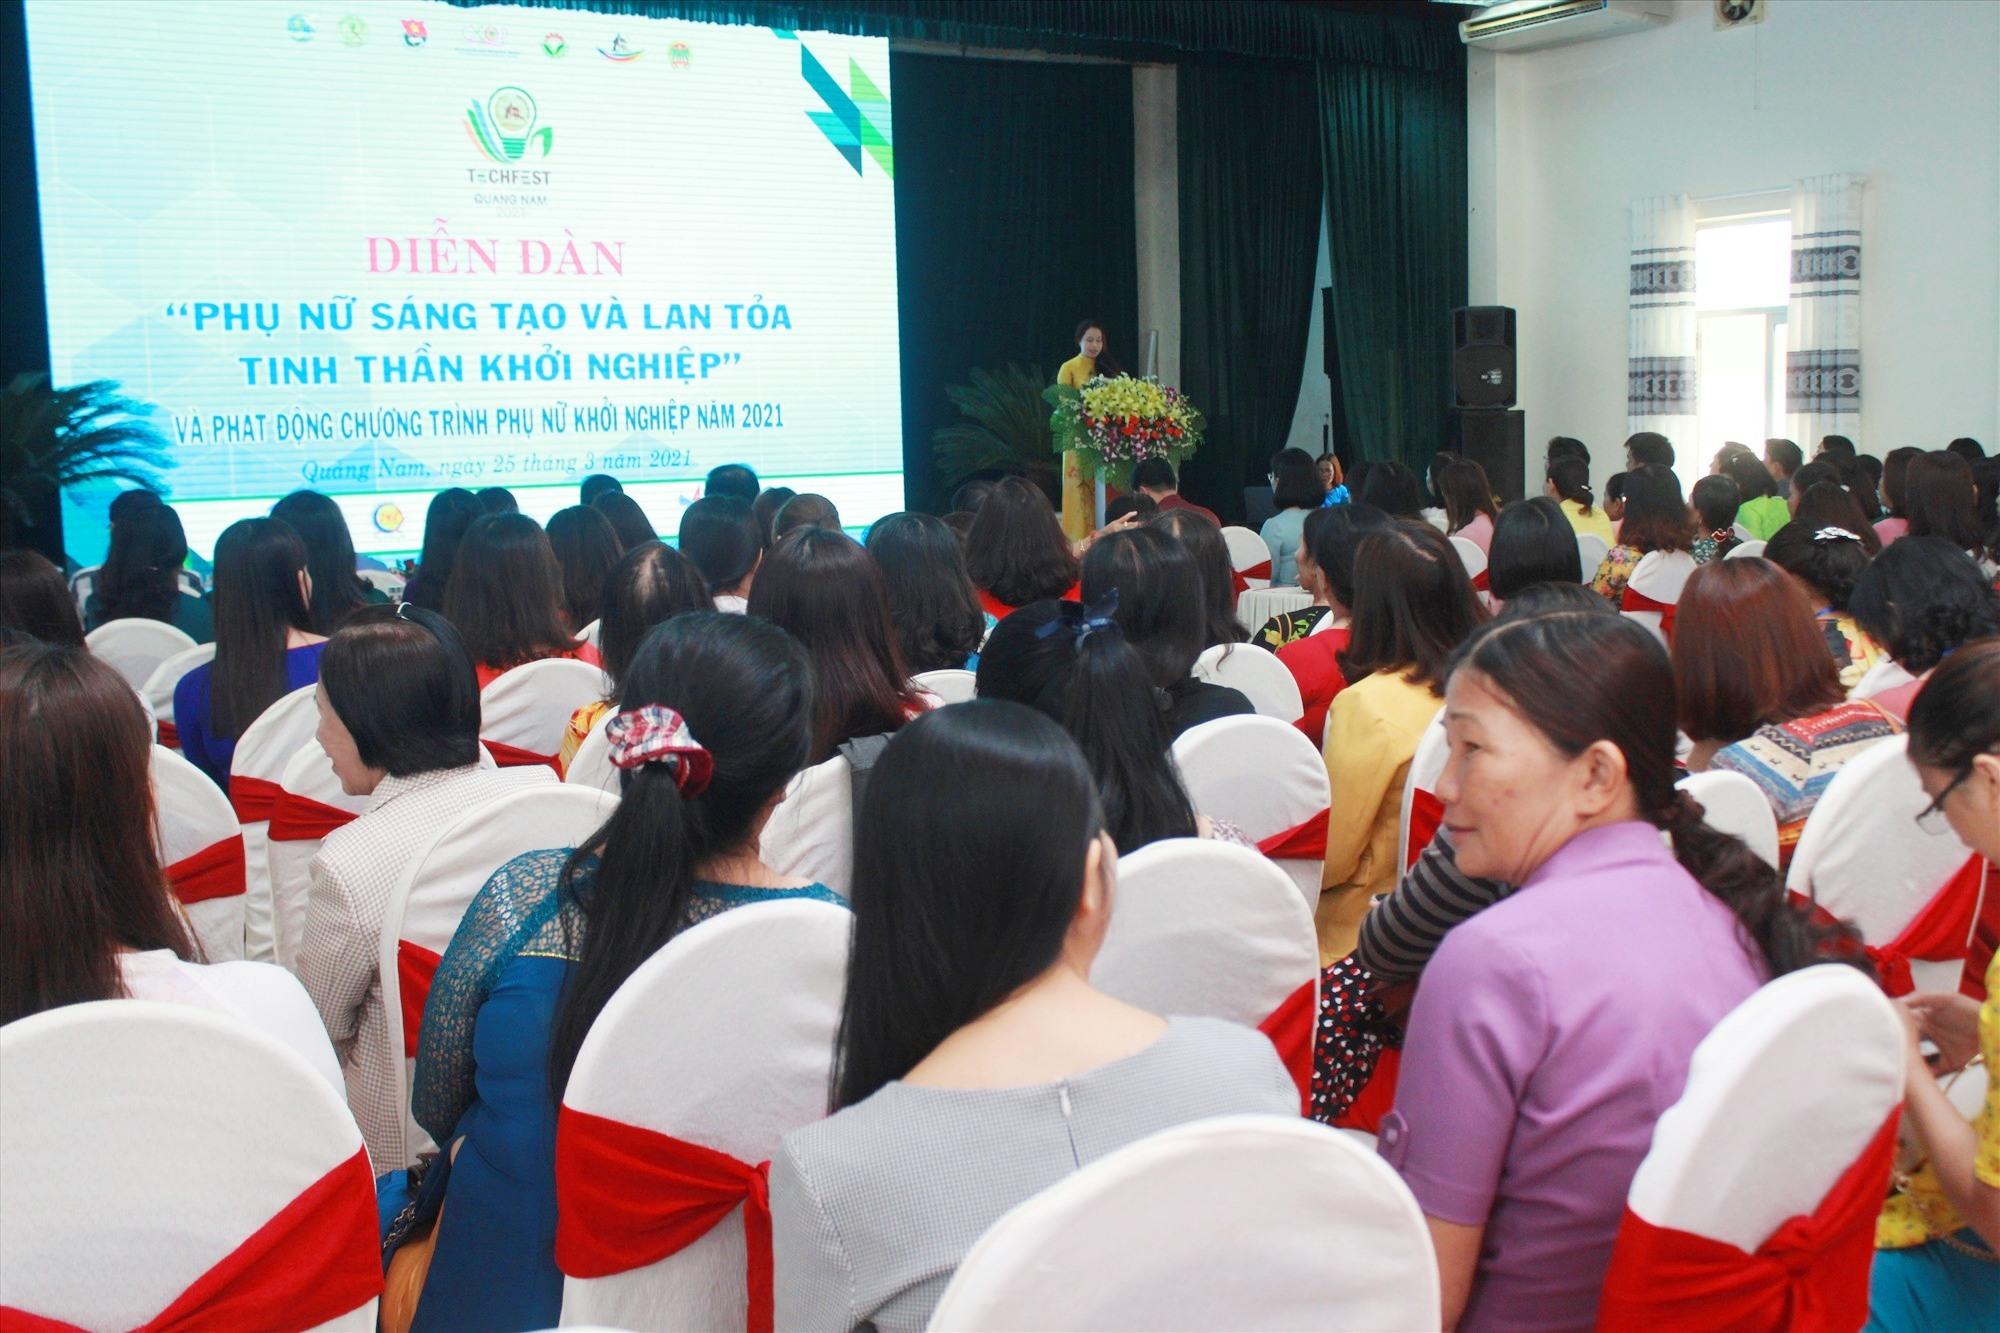 Trước đó, diễn đàn phụ nữ sáng tạo và lan tỏa tinh thần khởi nghiệp cũng đã được khai mạc, thu hút sự tham gia của gần 200 đại biểu. Ảnh: C.V